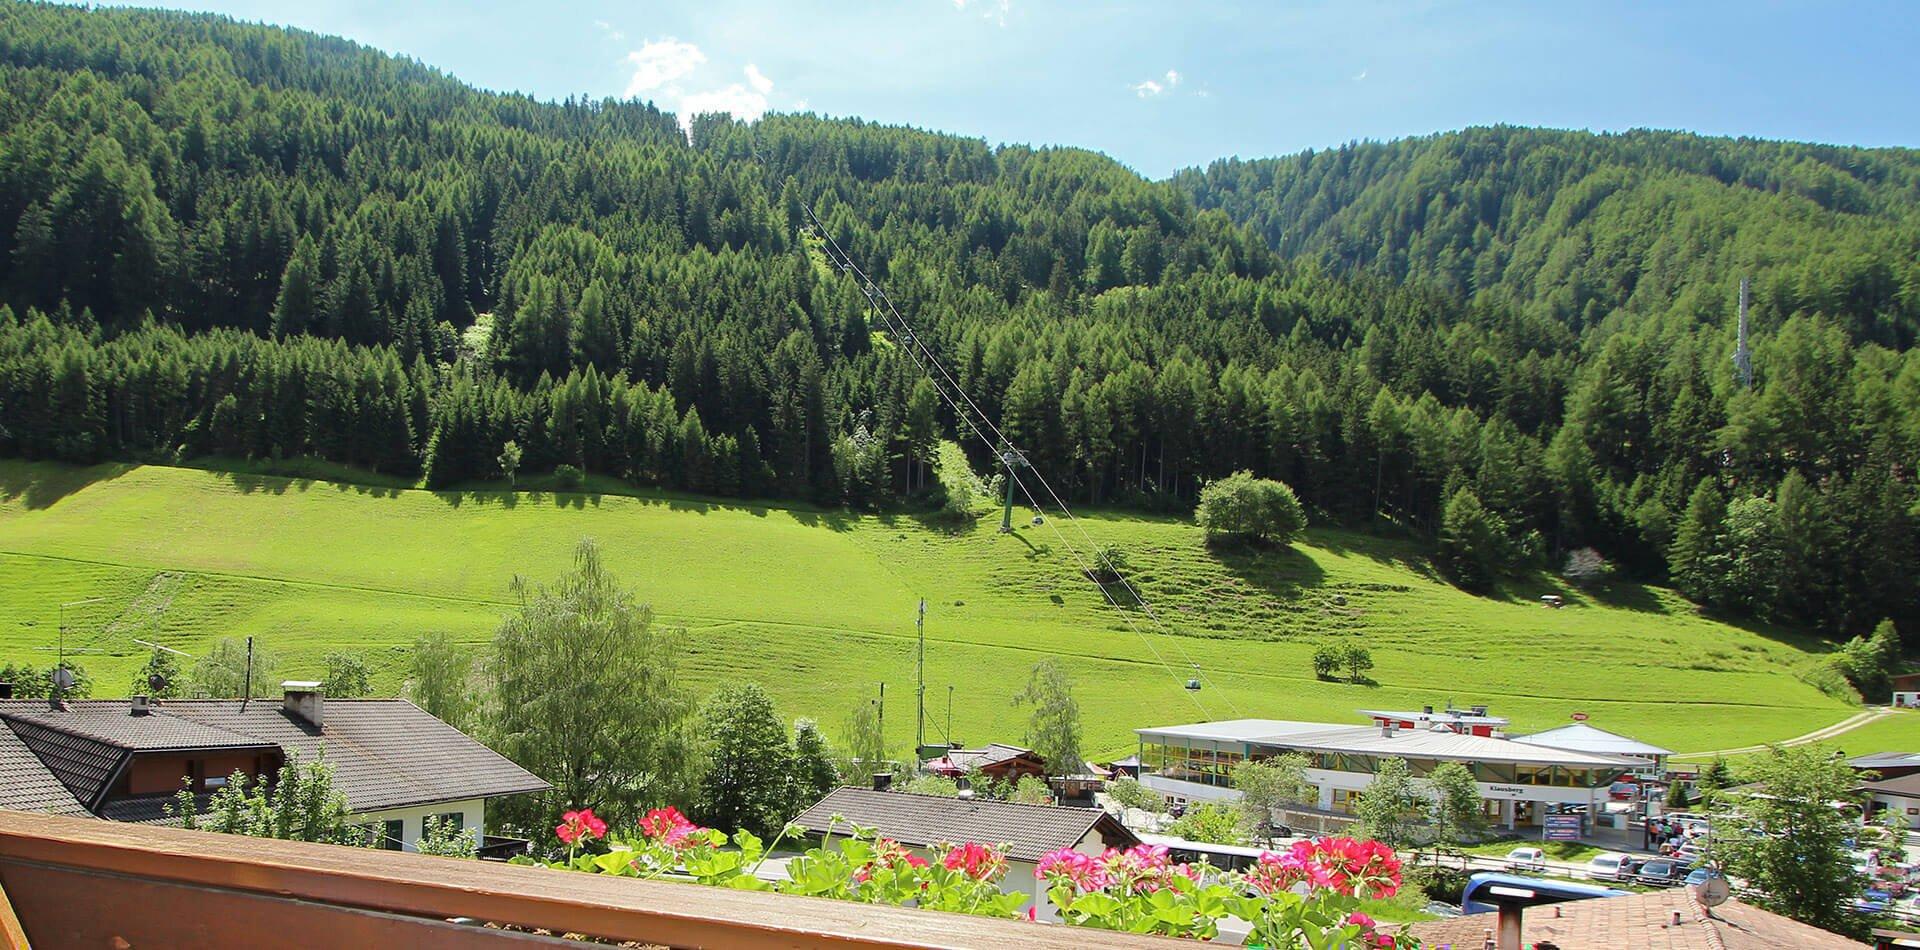 Appartement Residence Klausberg  - Ferienwohnungen im Ahrntal in den Dolomiten